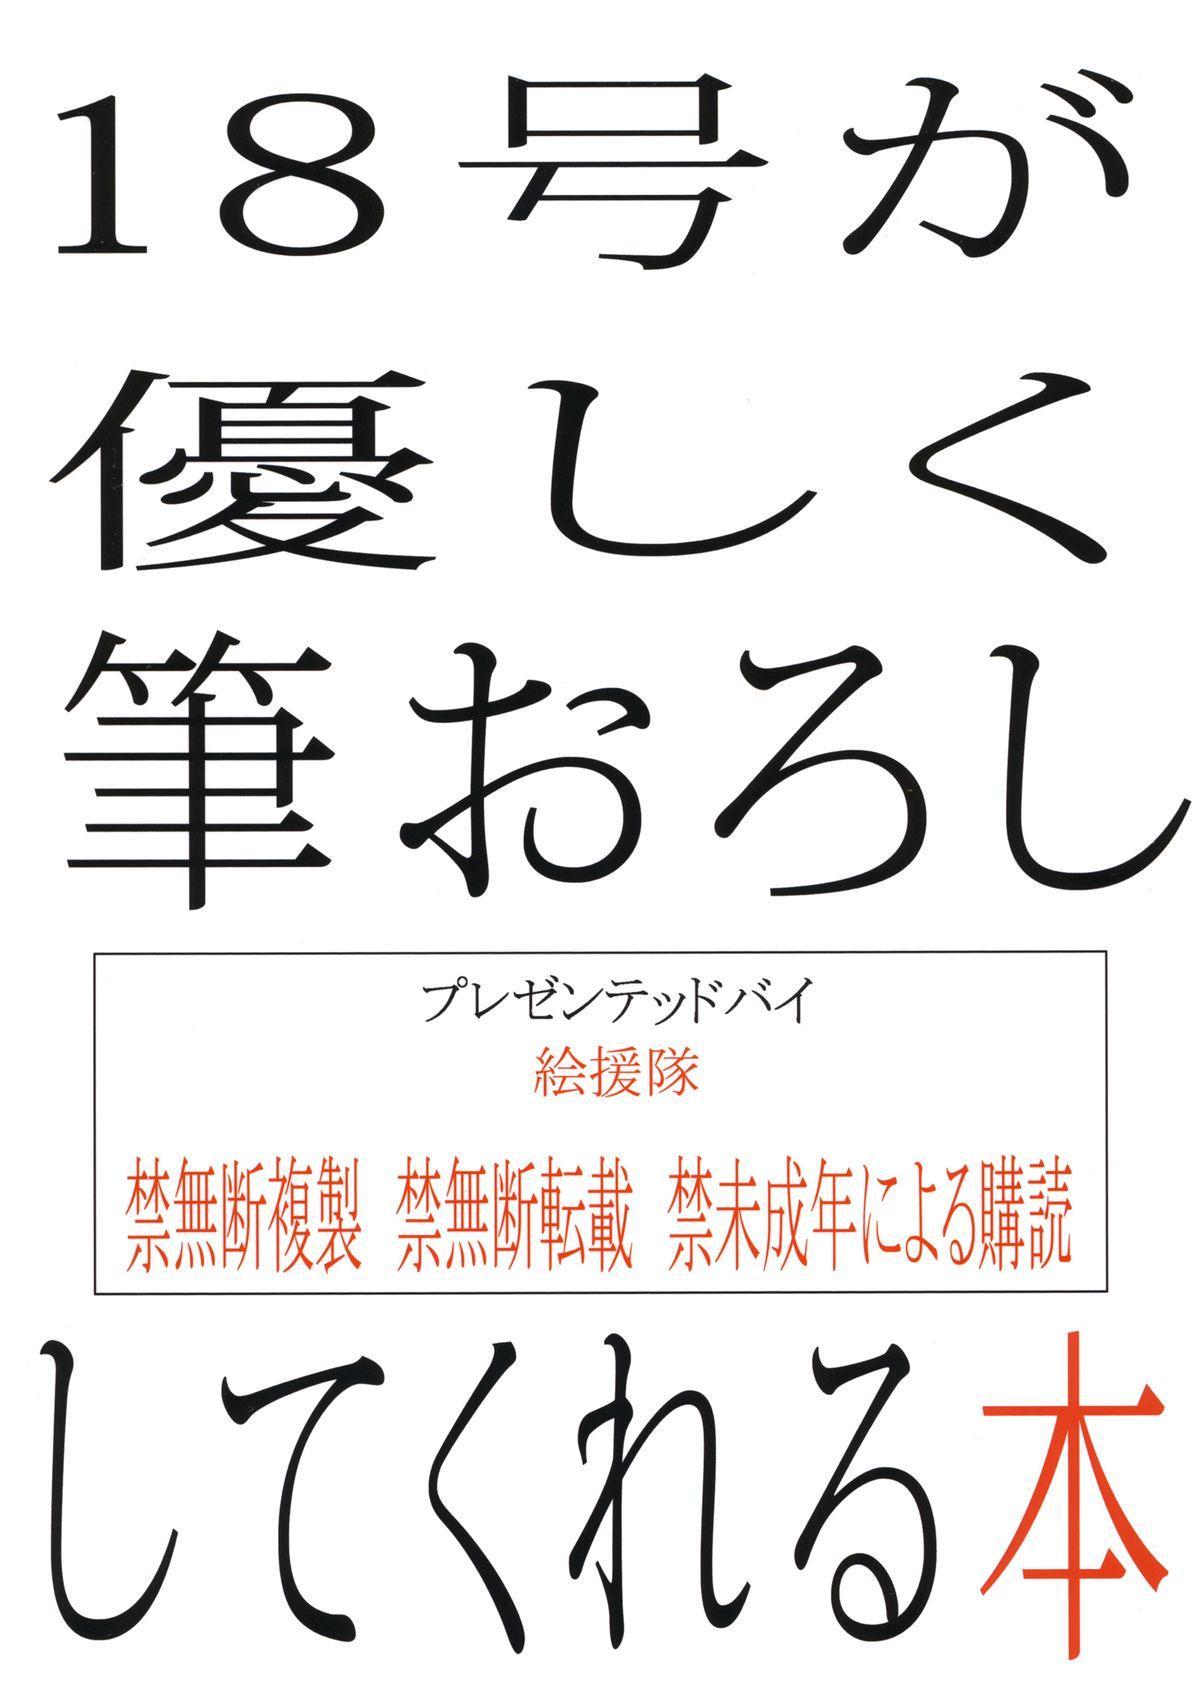 18-gou ga Yasashiku Fudeoroshi Shite Kureru Hon   Tender First Time With Android 18 33